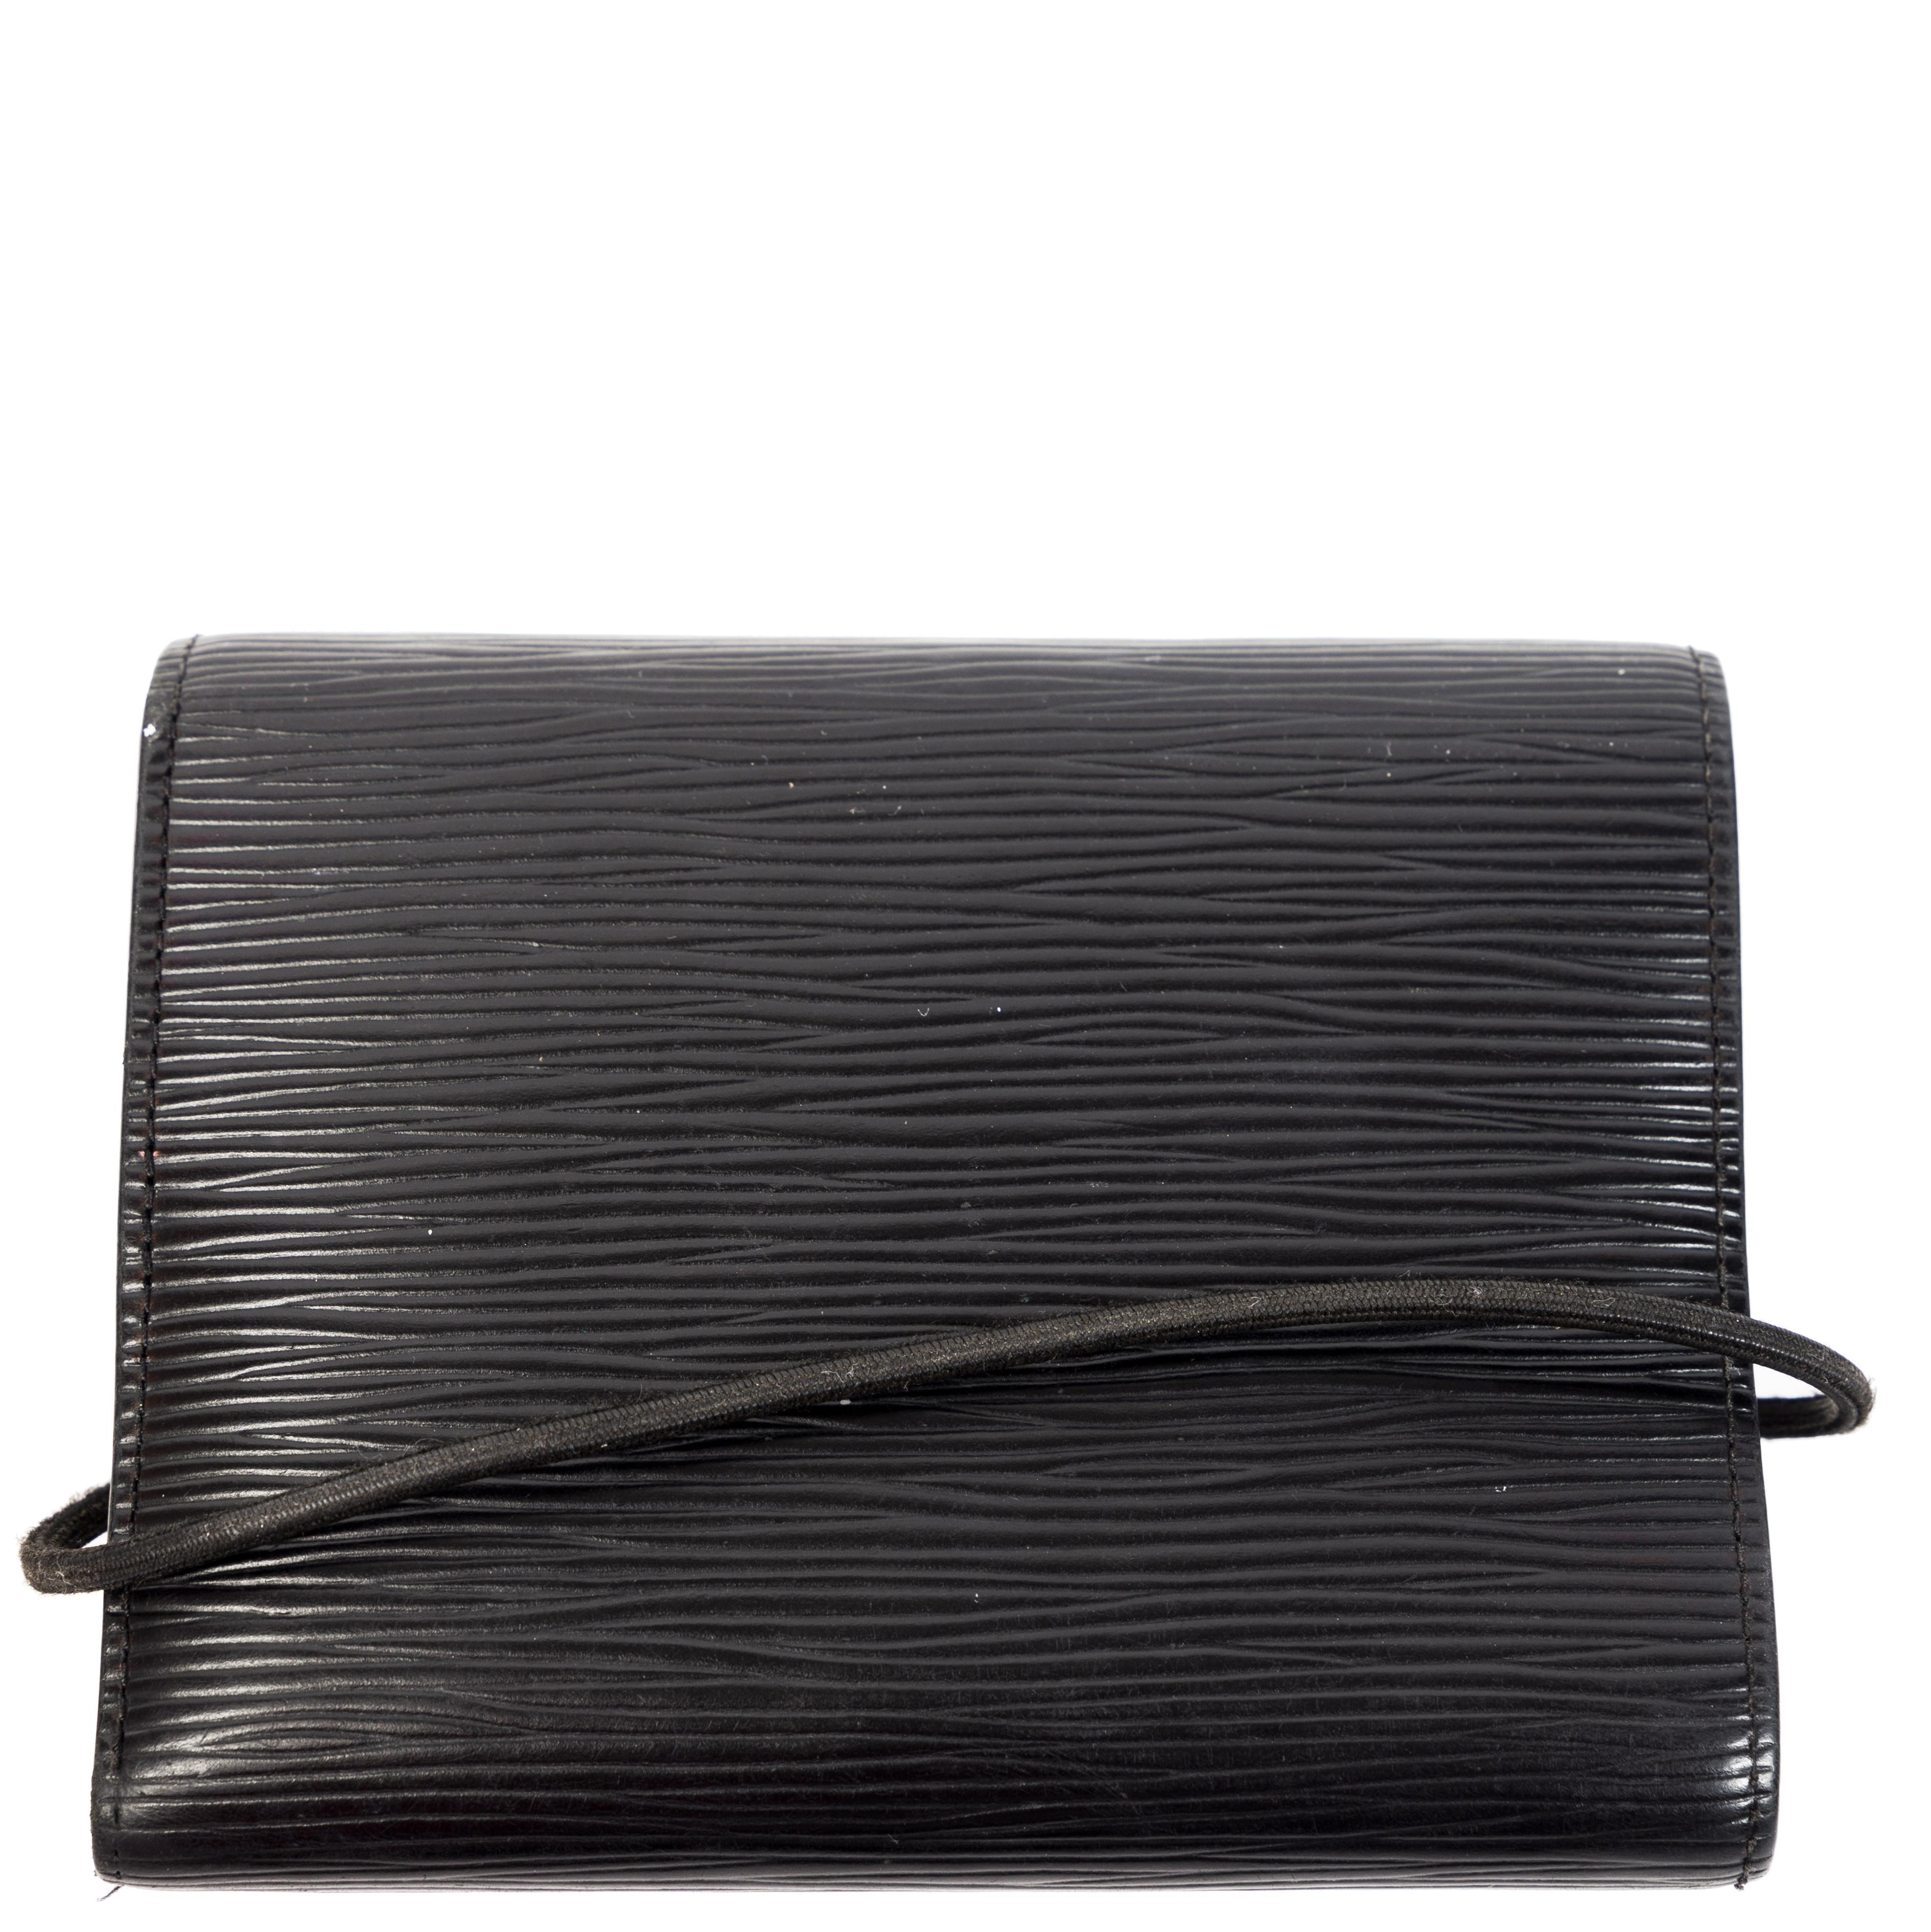 Authentieke Tweedehands Louis Vuitton Black Epi Leather Elastic Wallet juiste prijs veilig online shoppen luxe merken webshop winkelen Antwerpen België mode fashion